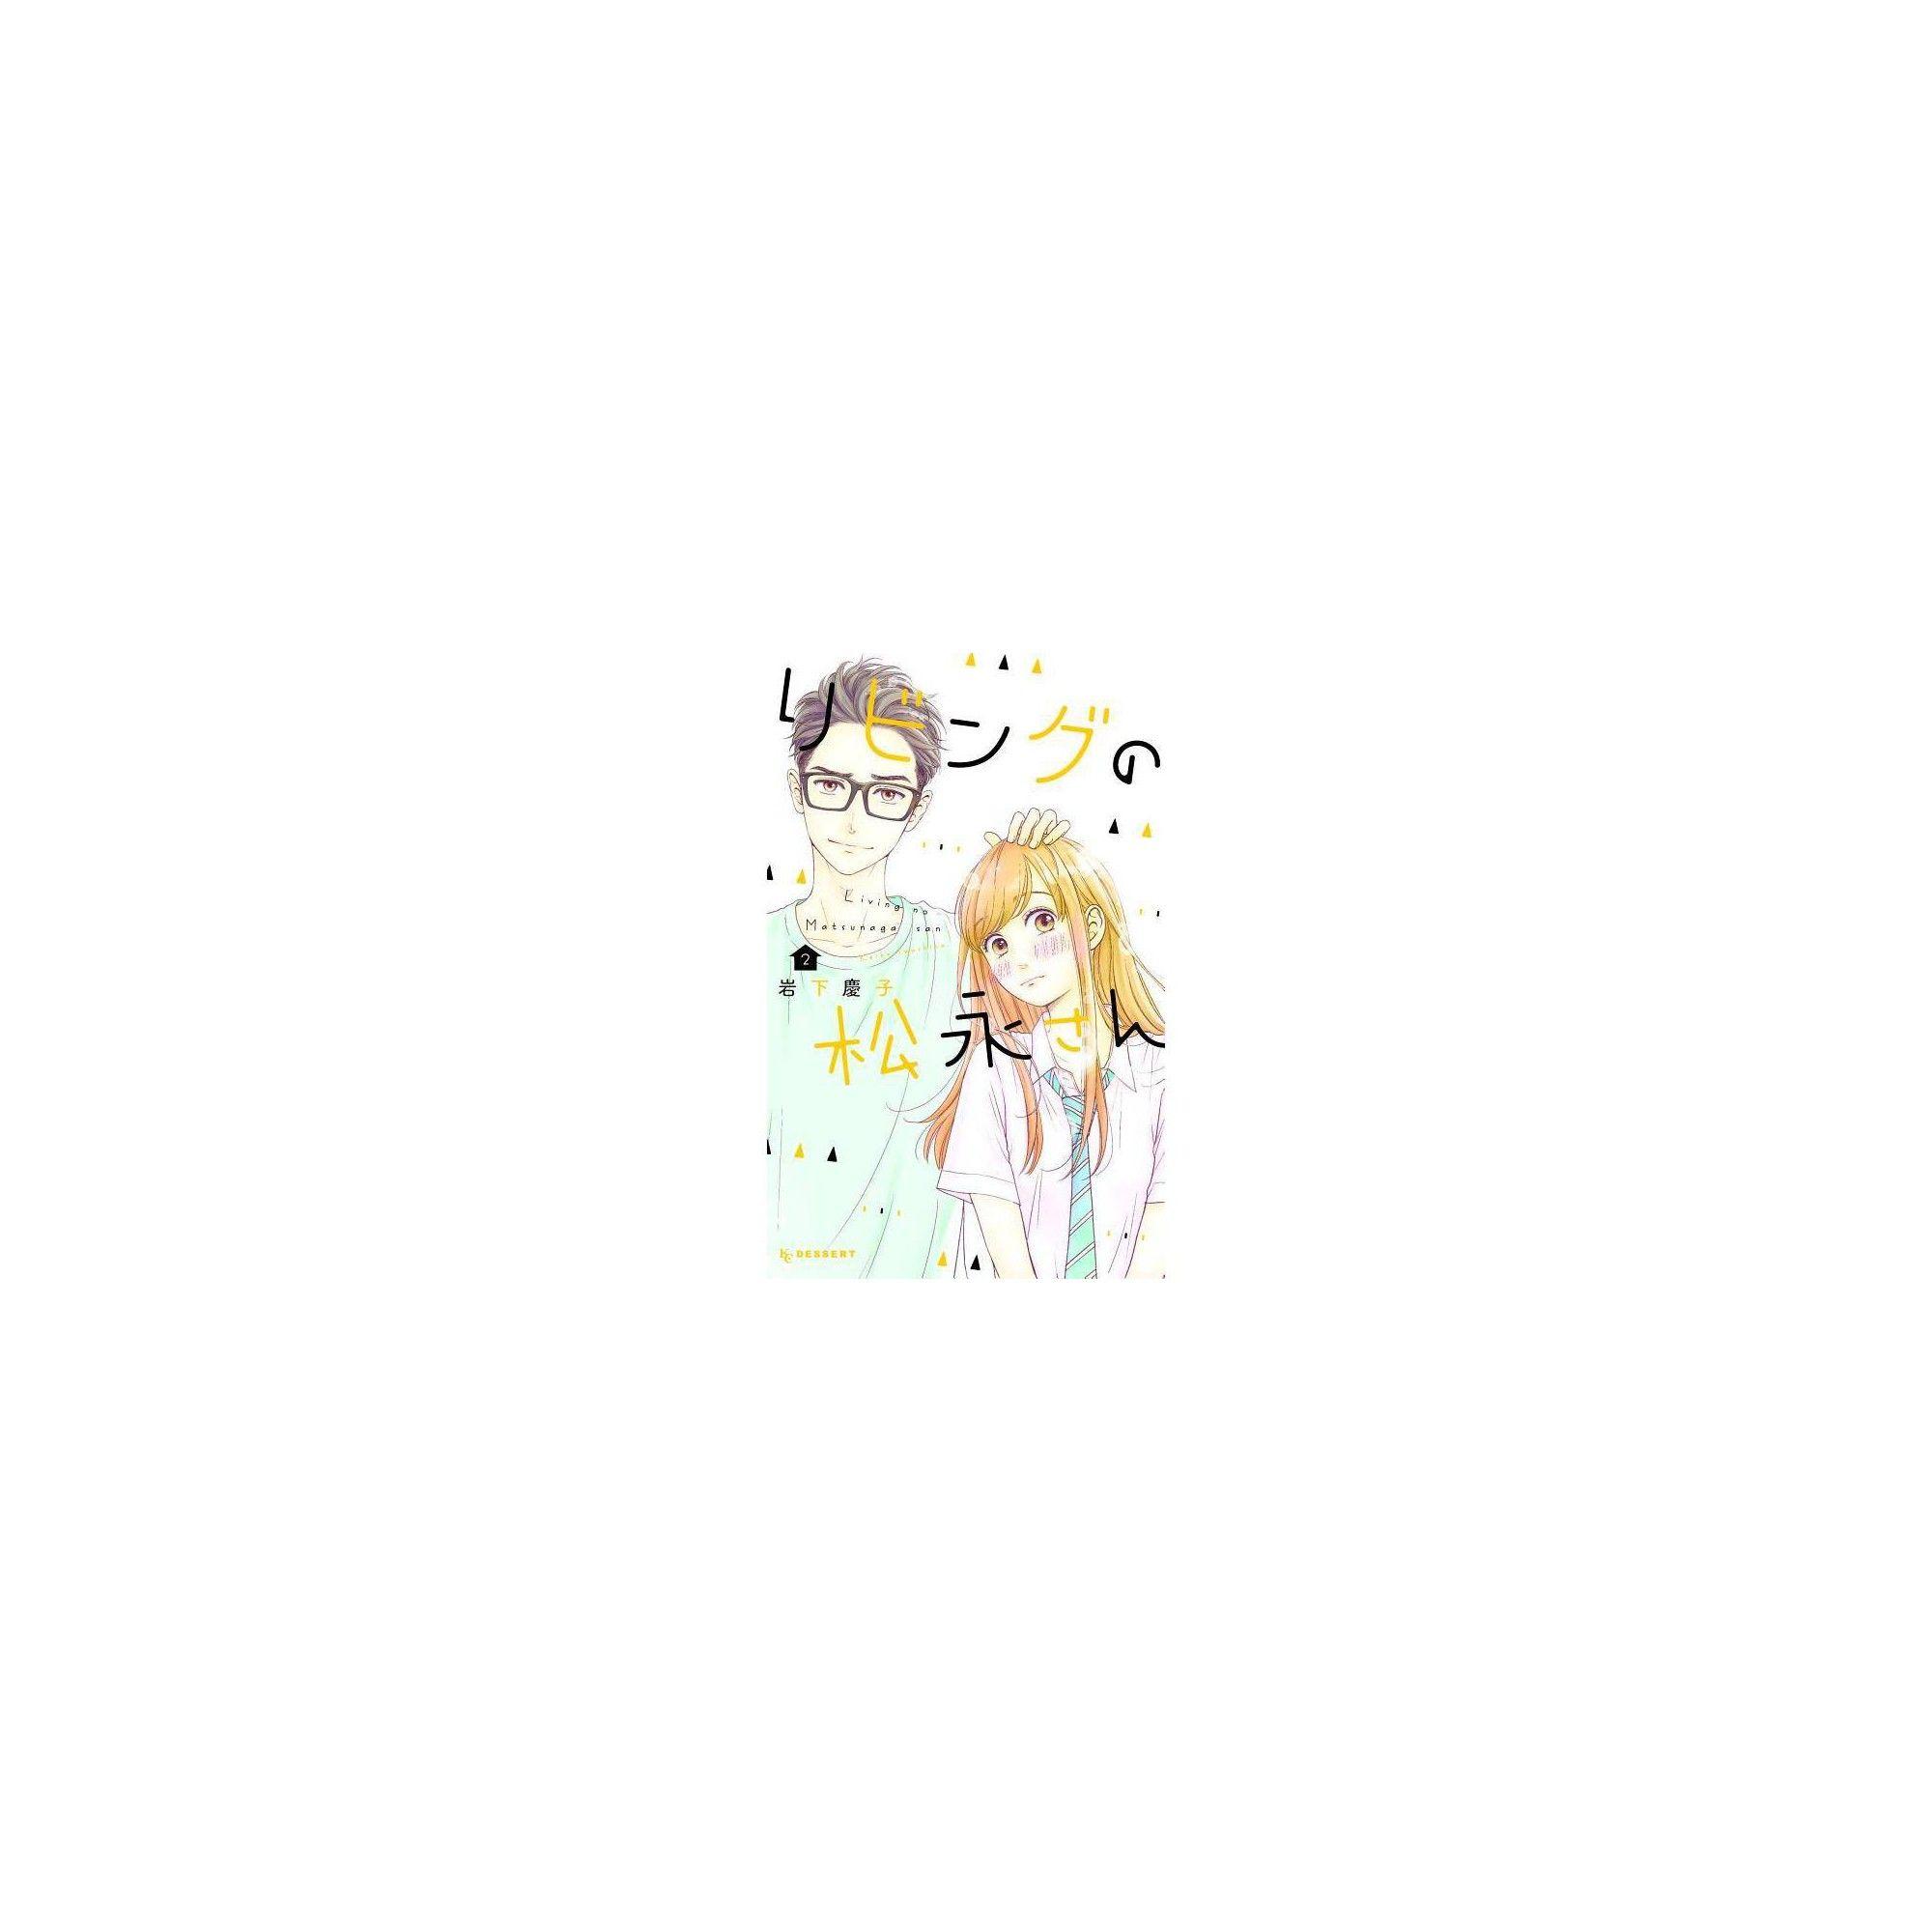 Living Room Matsunaga San 2 By Keiko Iwashita Paperback San Paperbacks Romantic Manga